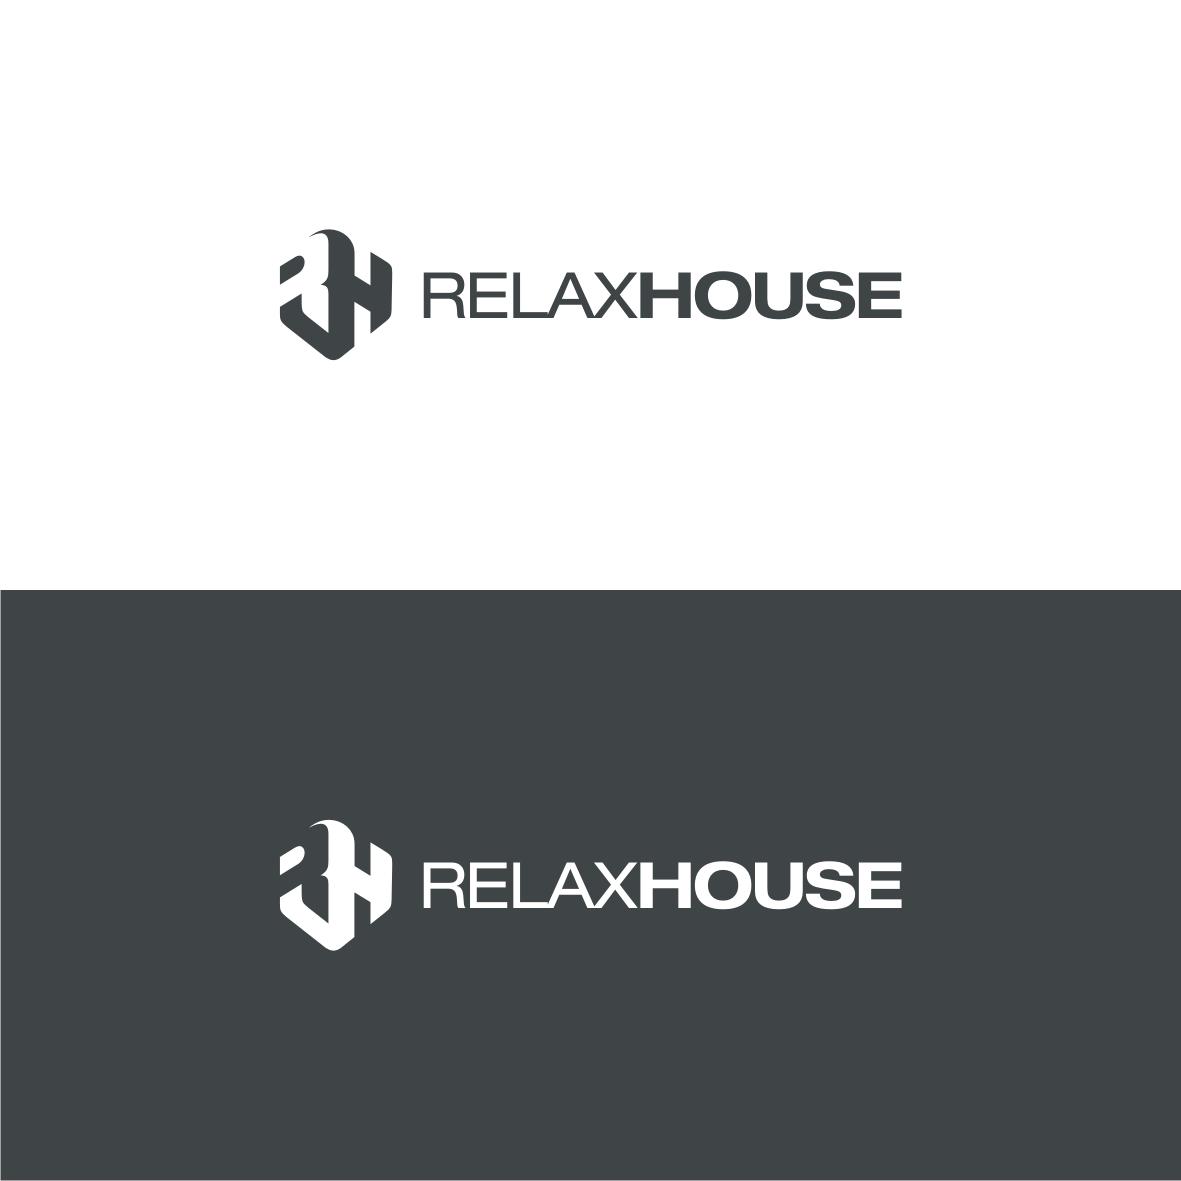 Furniture logo design png - Furniture Logos Google Search